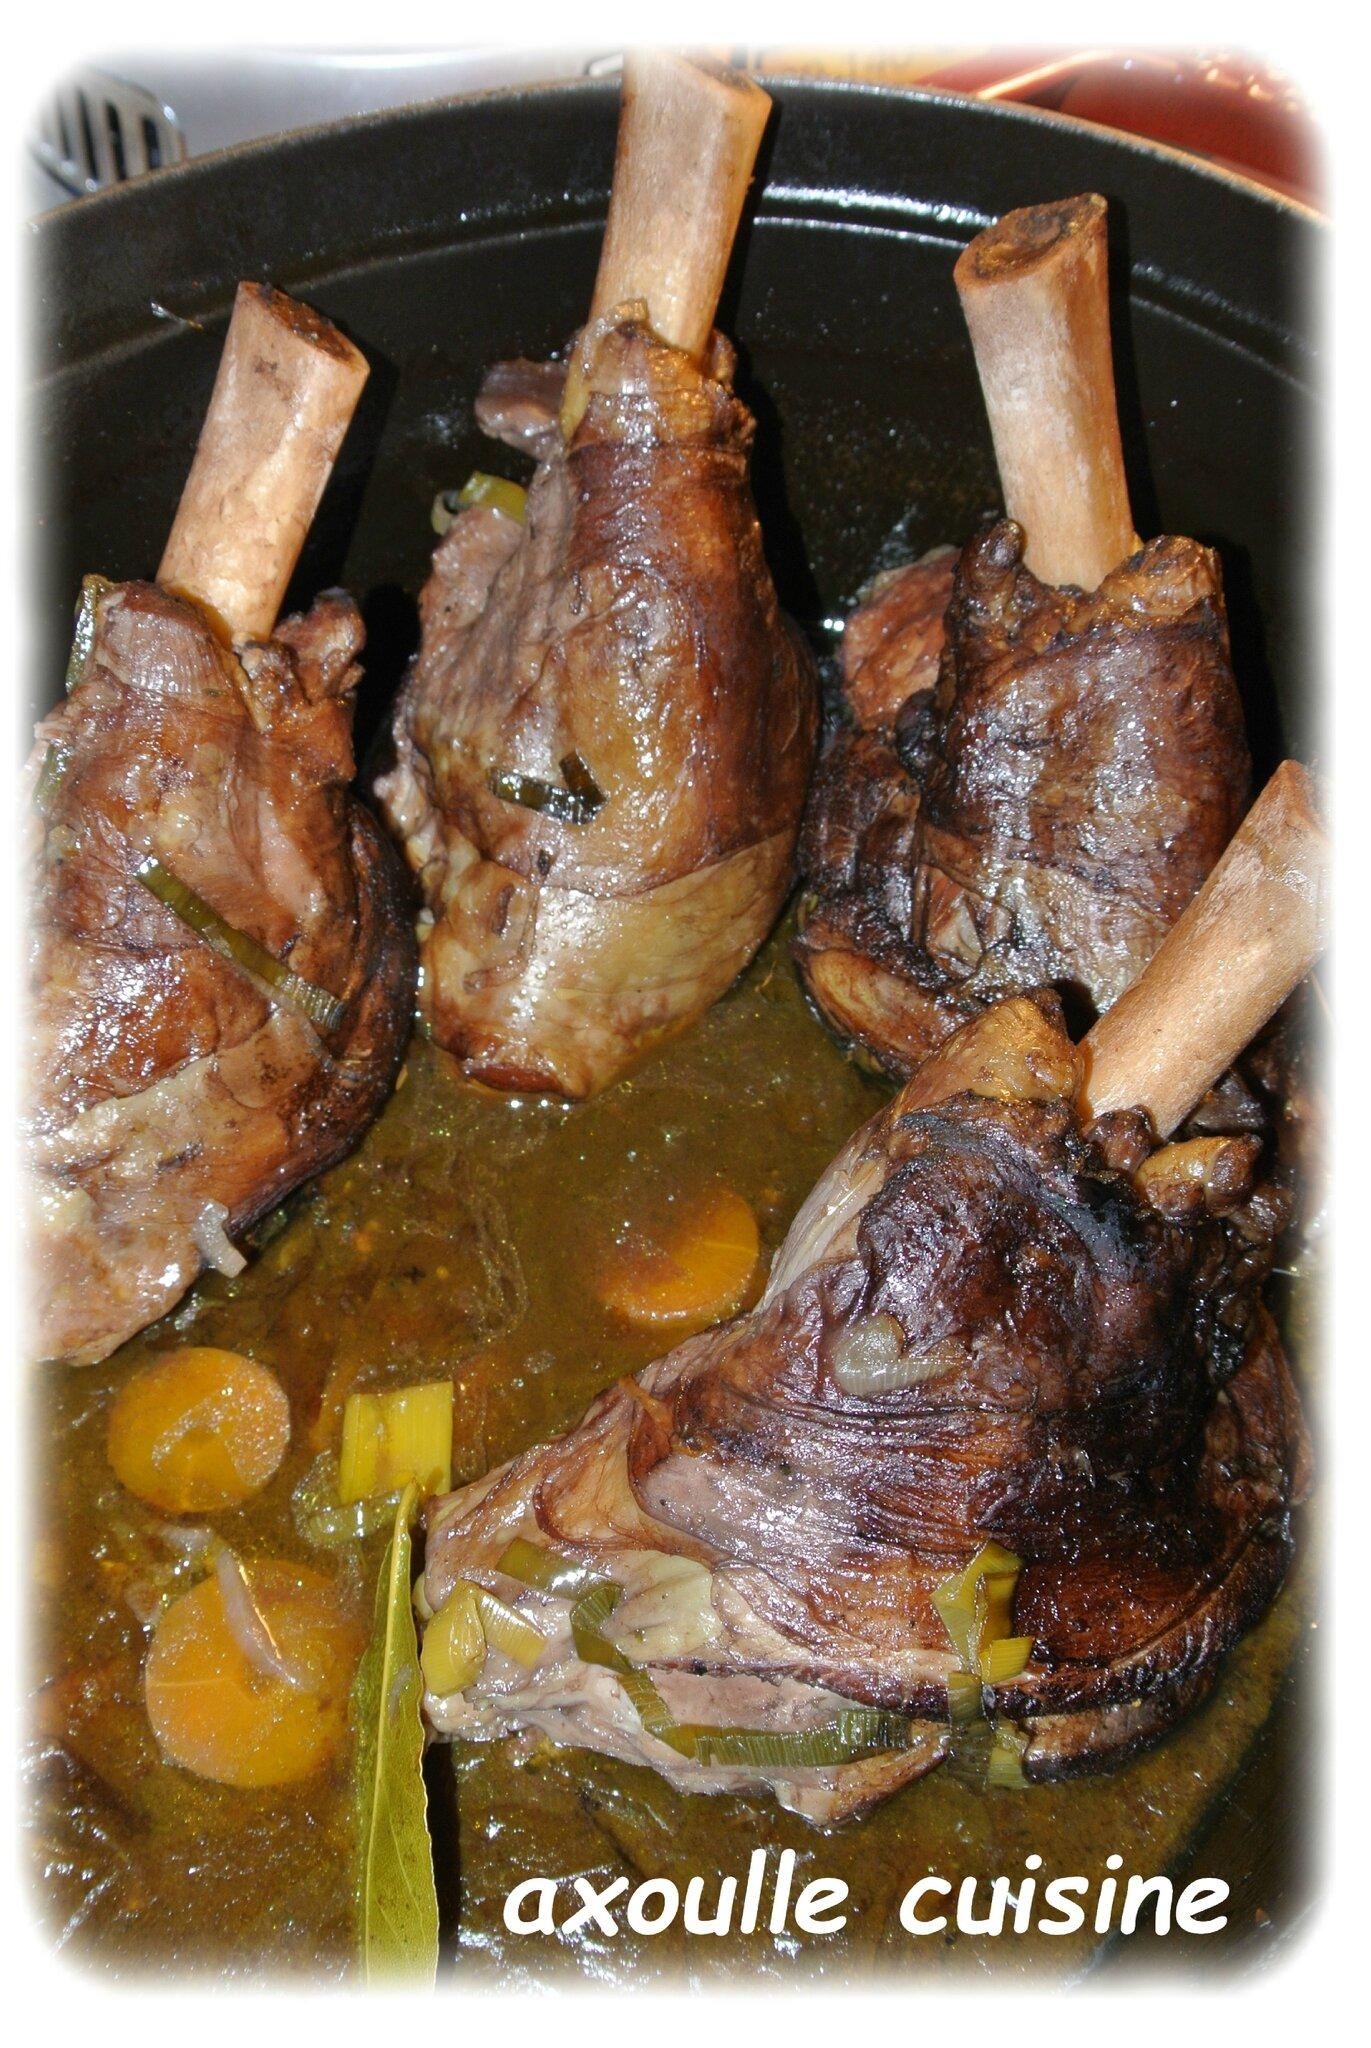 Souris D'agneau Cocotte Minute : souris, d'agneau, cocotte, minute, Souris, D'agneau, Façon, Axoulle, Cuisine